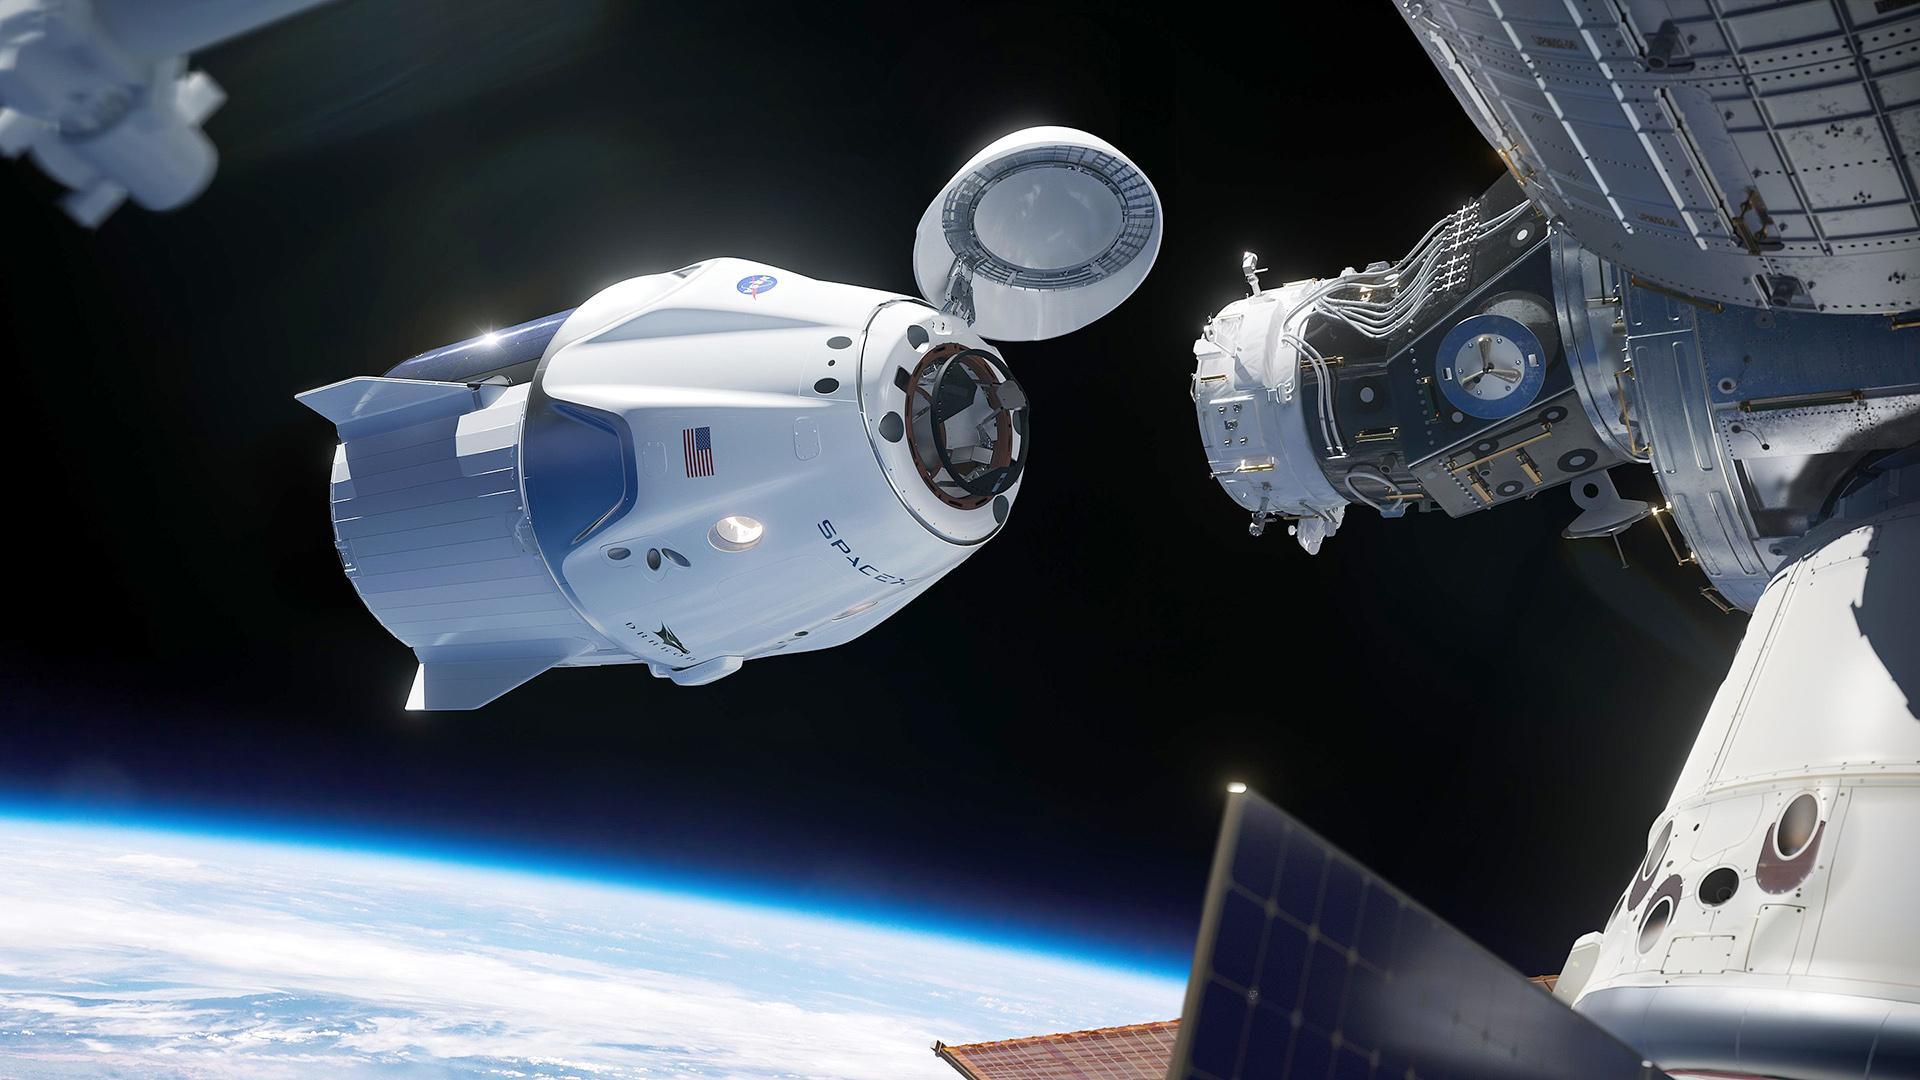 SpaceX сподівається здійснити перший пілотований політ корабля Crew Dragon у лютому - ракета, МКС, SpaceX - 09 dragon